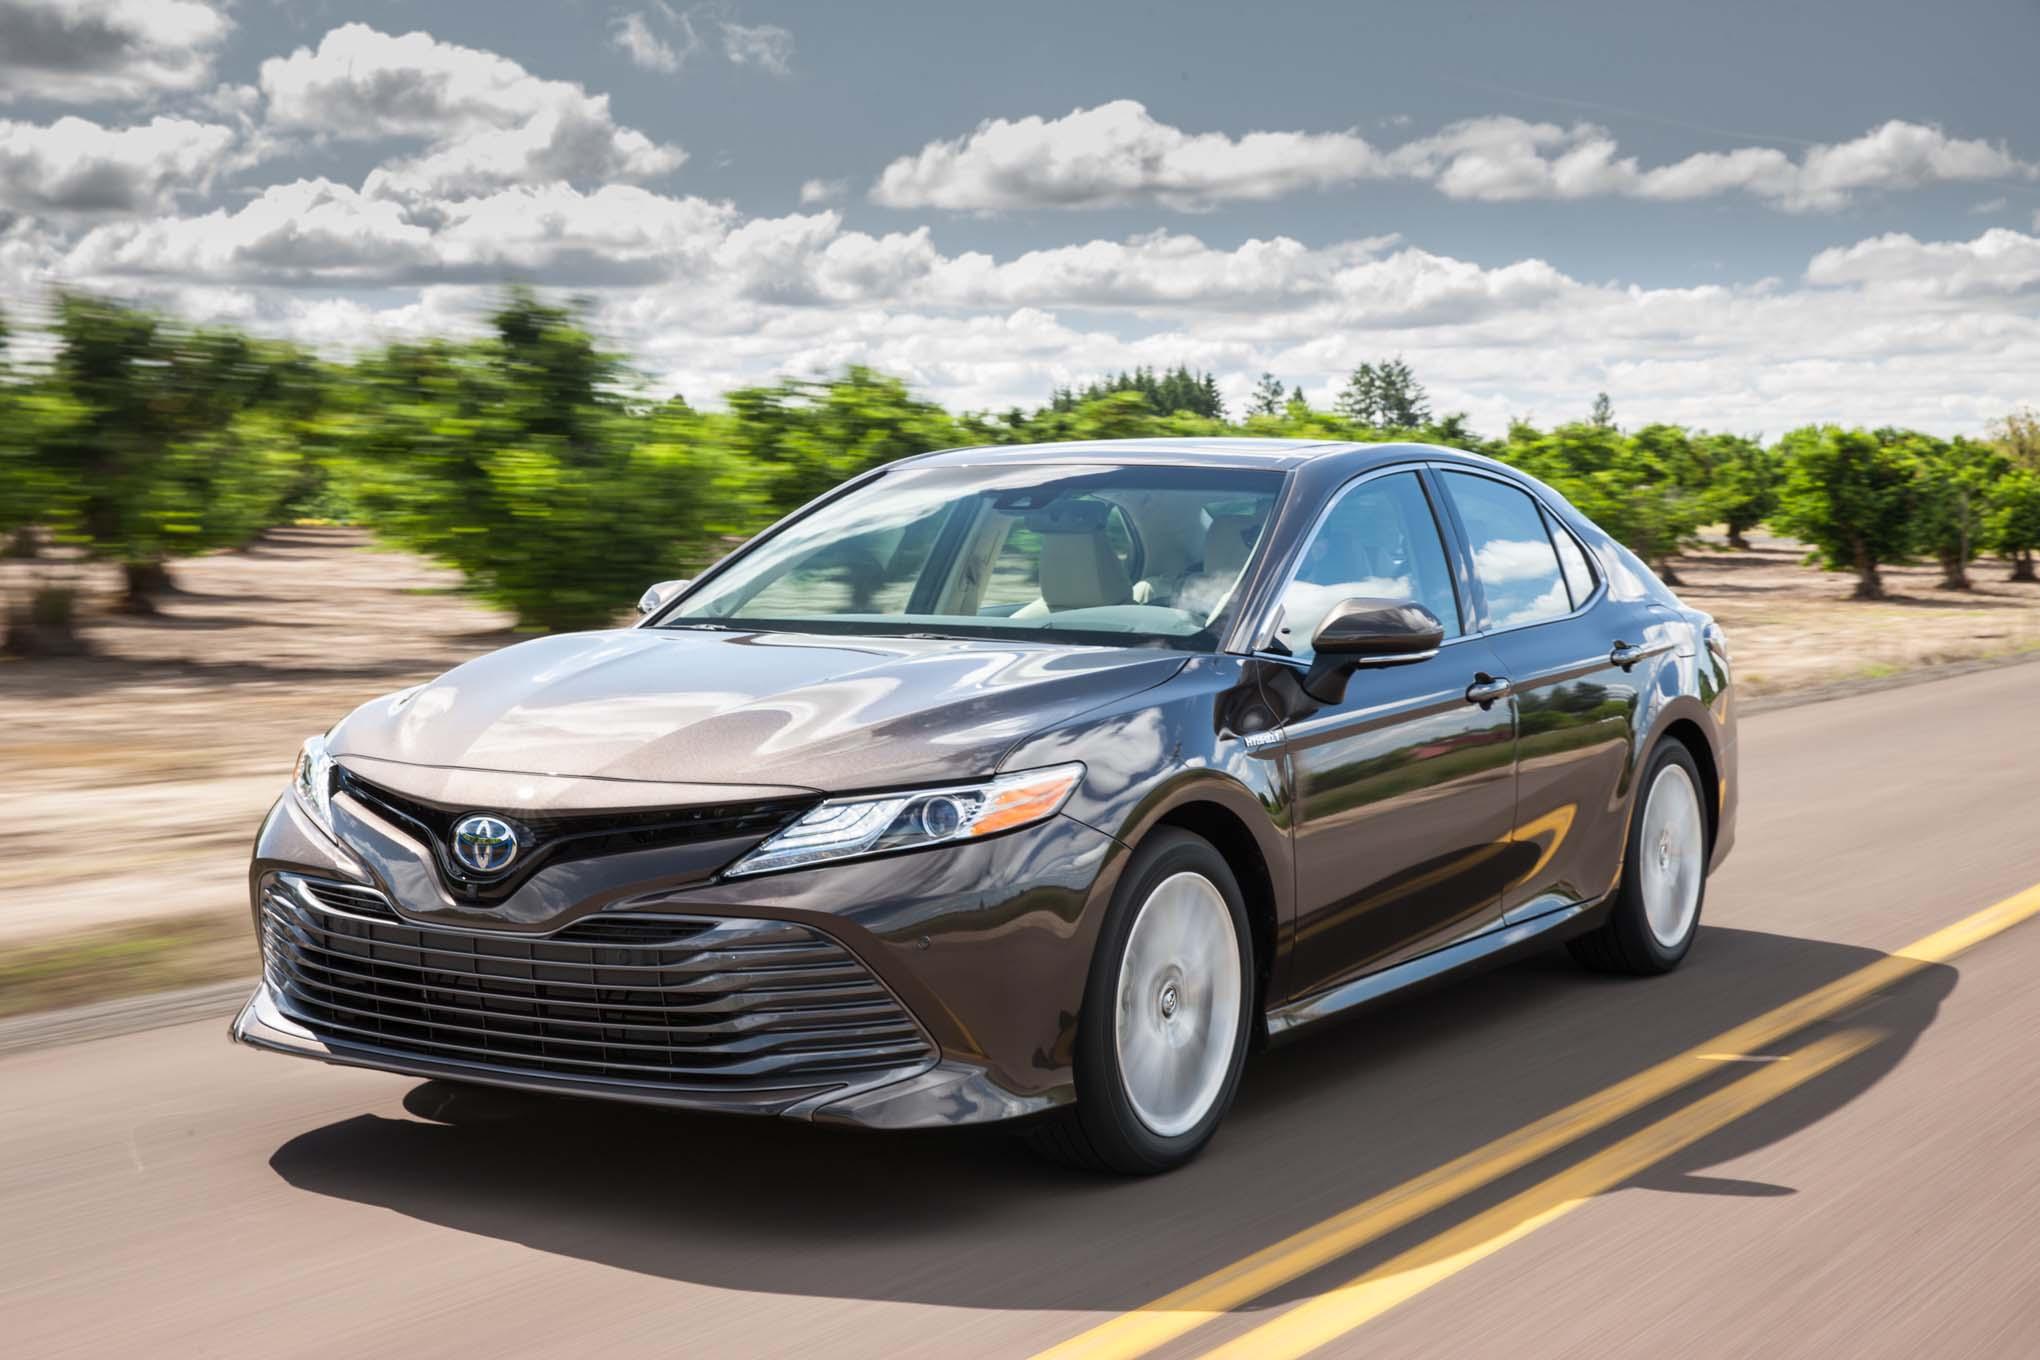 Toyota Camry фото, цена, характеристики Тойота